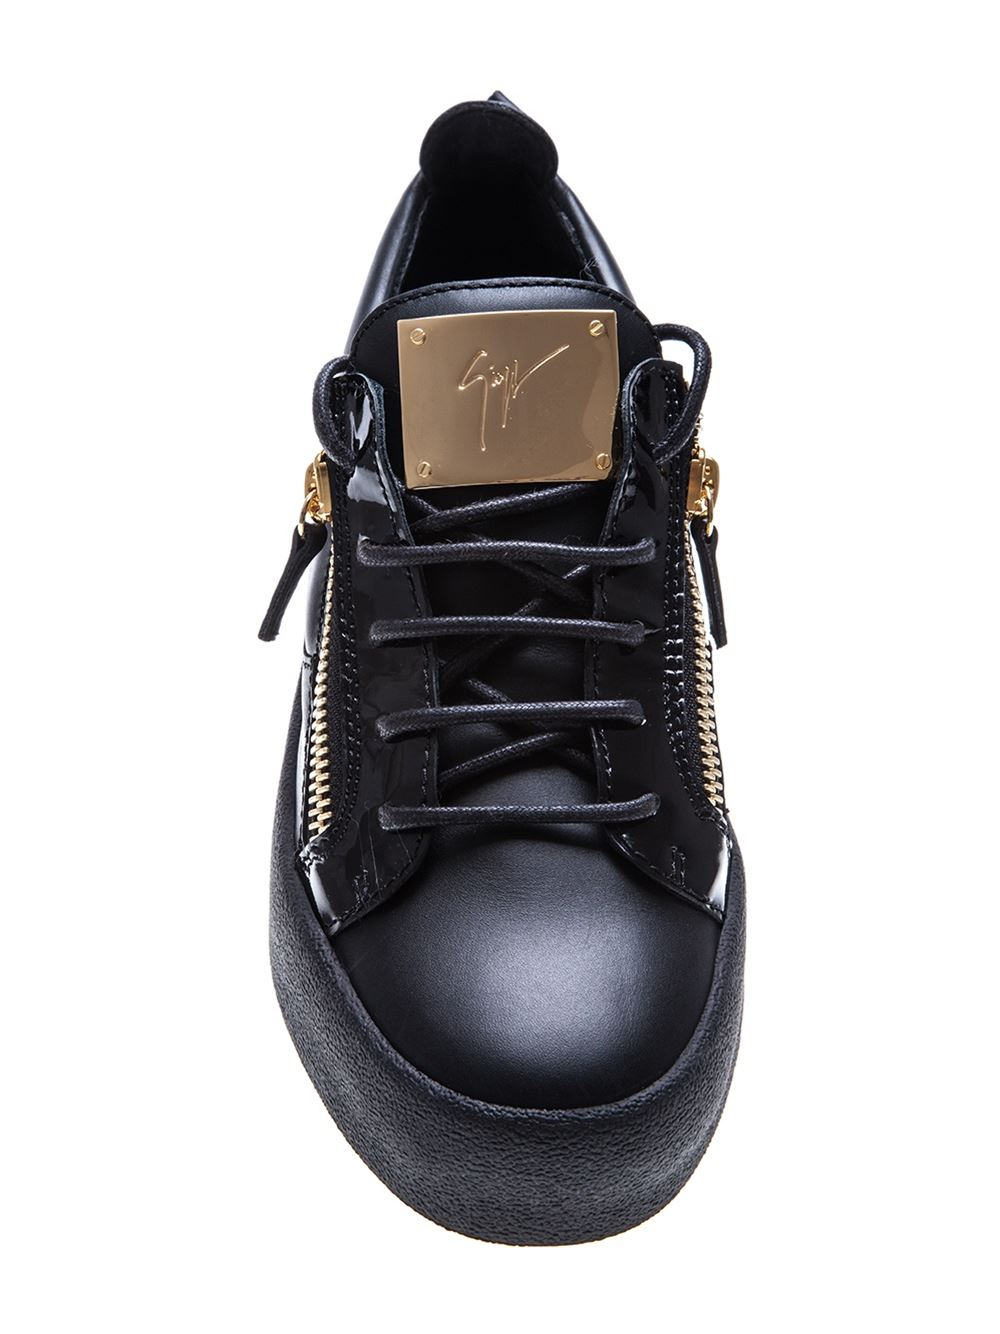 giuseppe zanotti replica mens gucci shoes